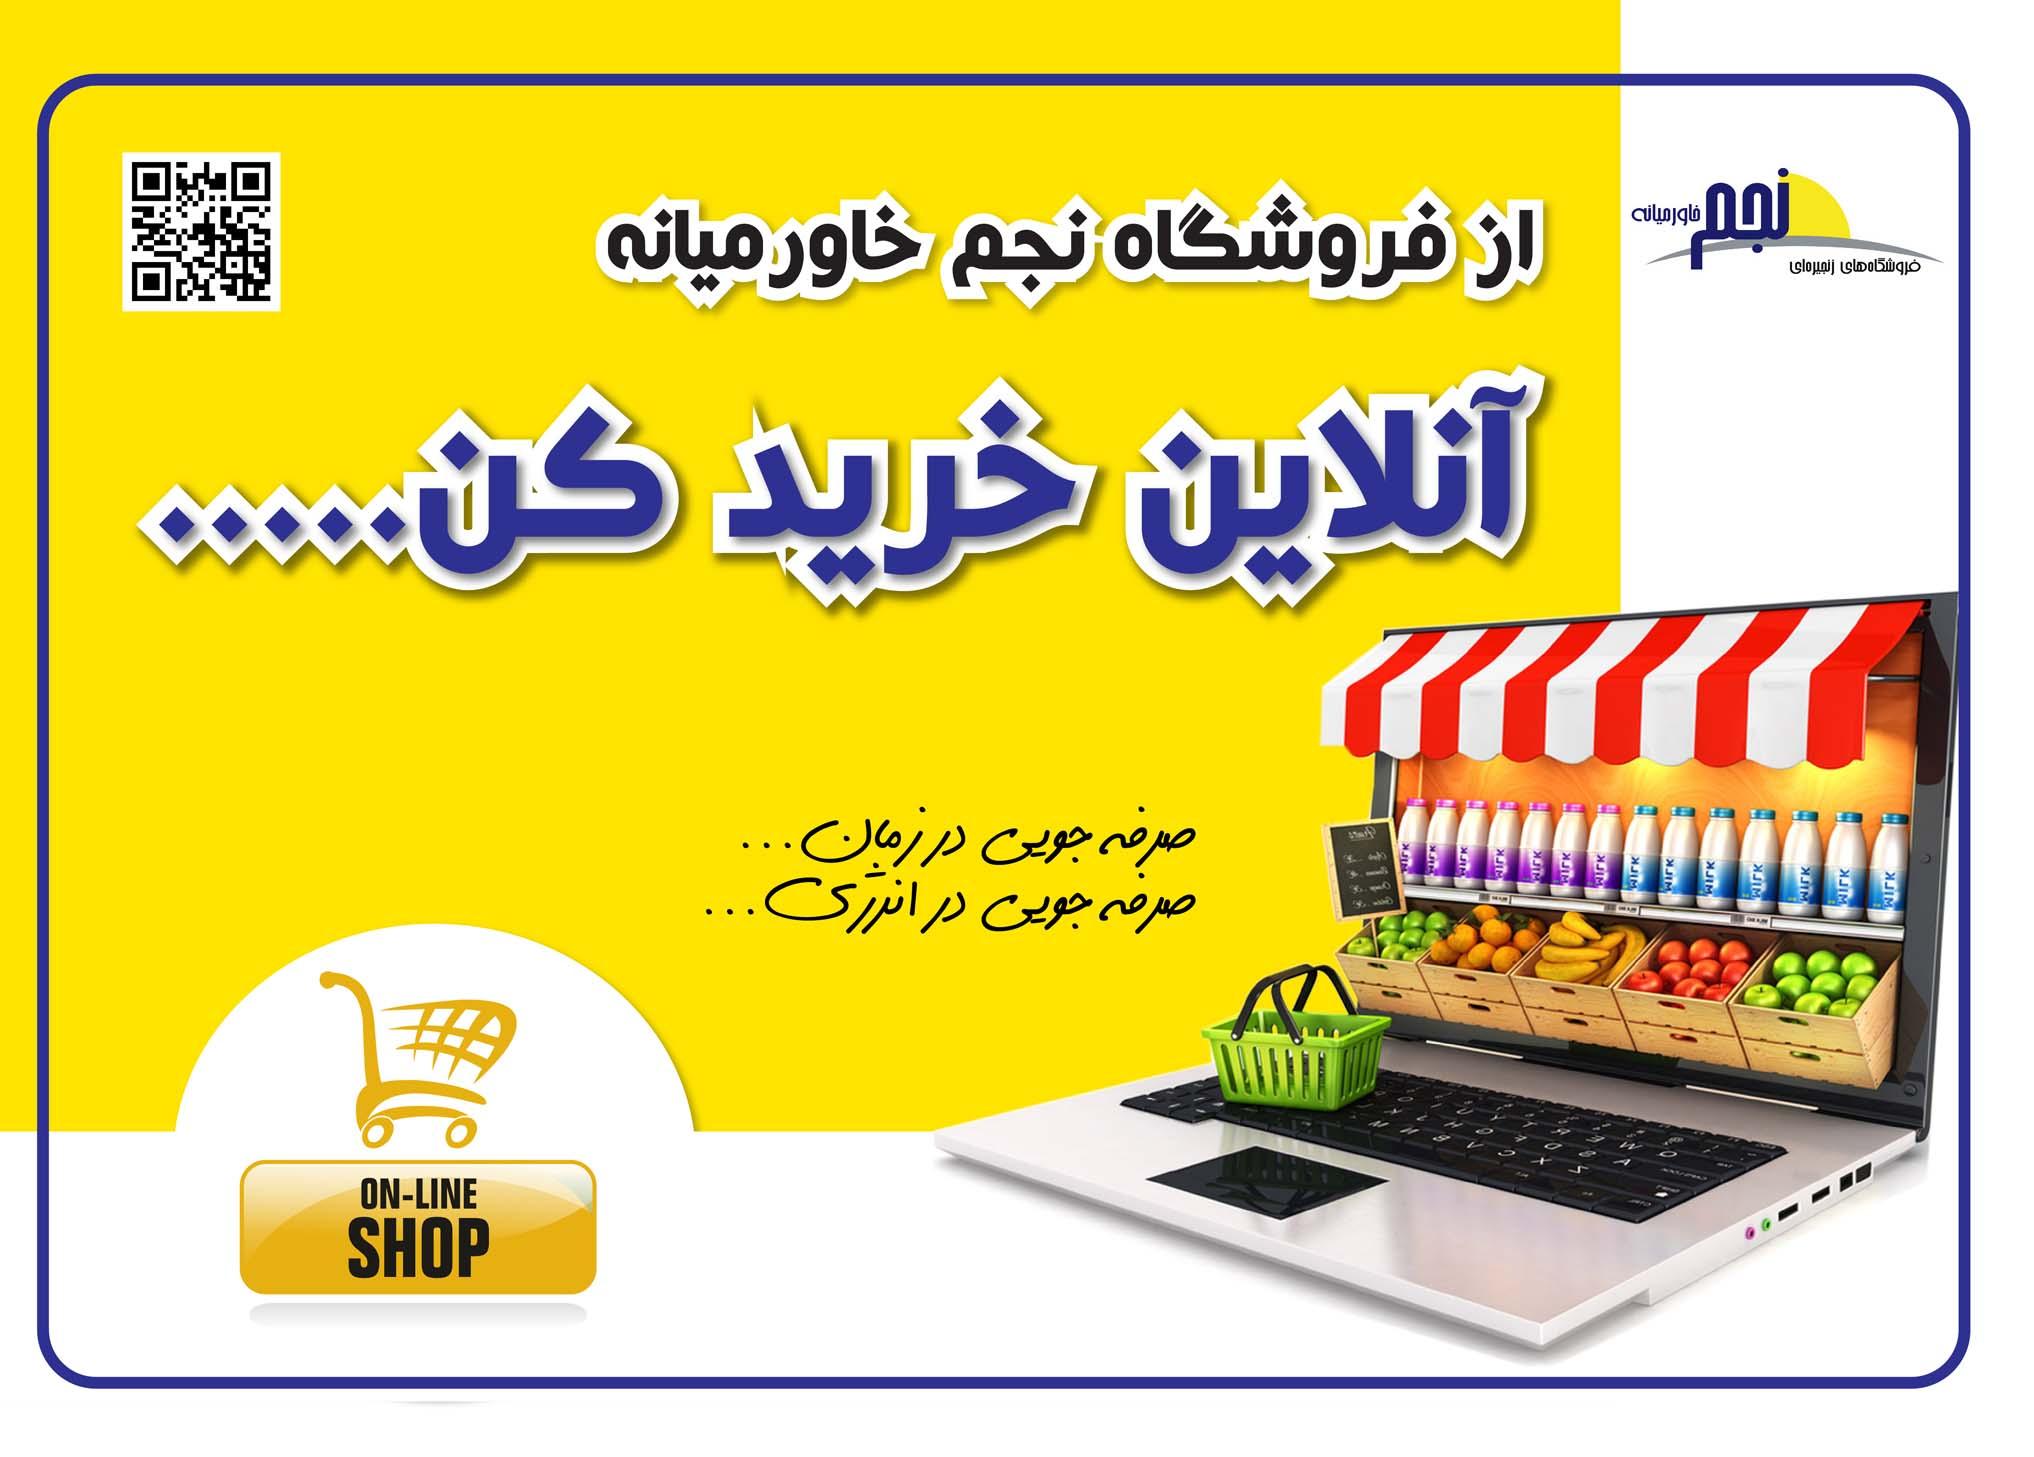 فروش اینترنتی فروشگاه نجم خاورمیانه